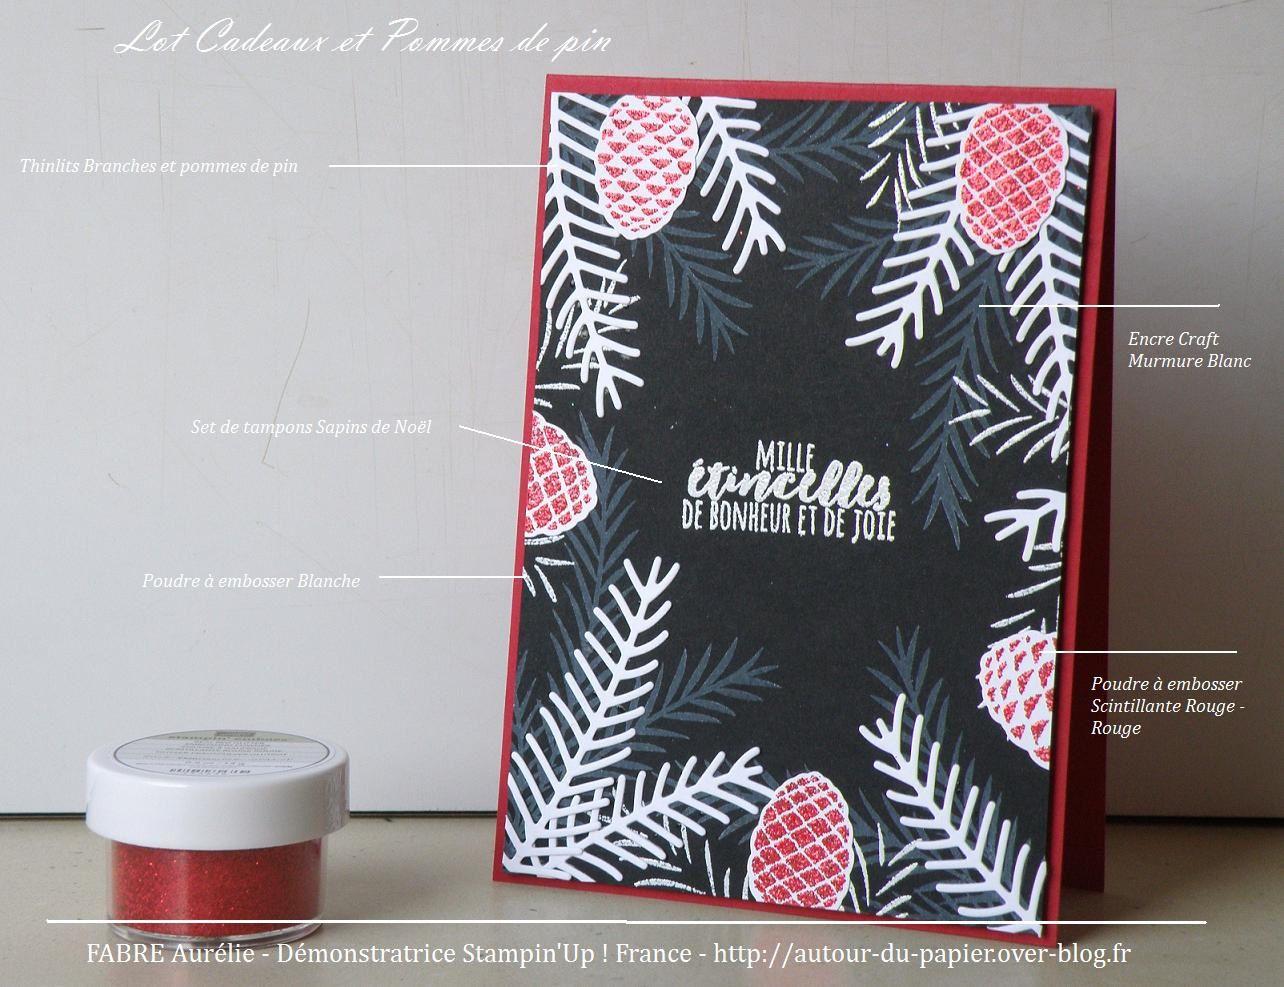 Papier : Noir Nu, Rouge Rouge, Murmure Blanc. Encres : Craft Blanche, Versamark. Lot Branches et Pommes de pin. Poudre à embosser scintillante Rouge Rouge et Blanc.